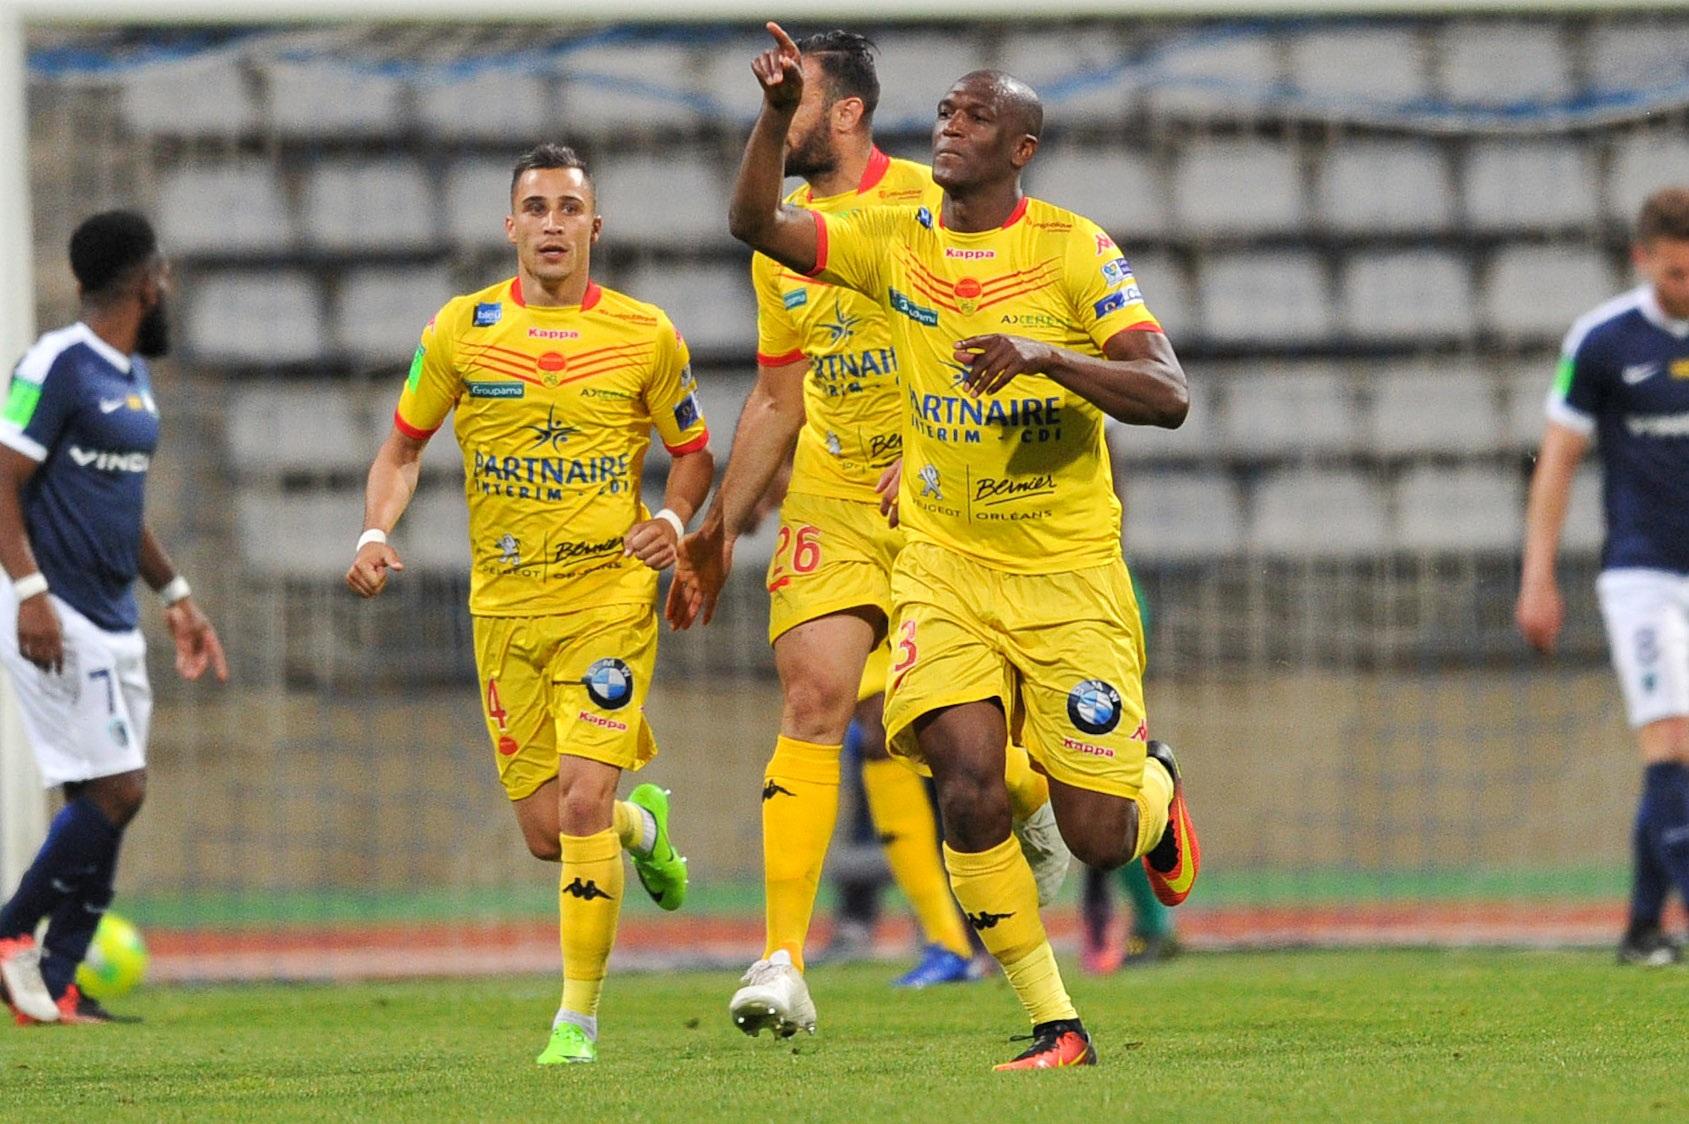 Football - Ligue 2 - Barrage L2/National : Orléans remporte l'aller dans la douleur